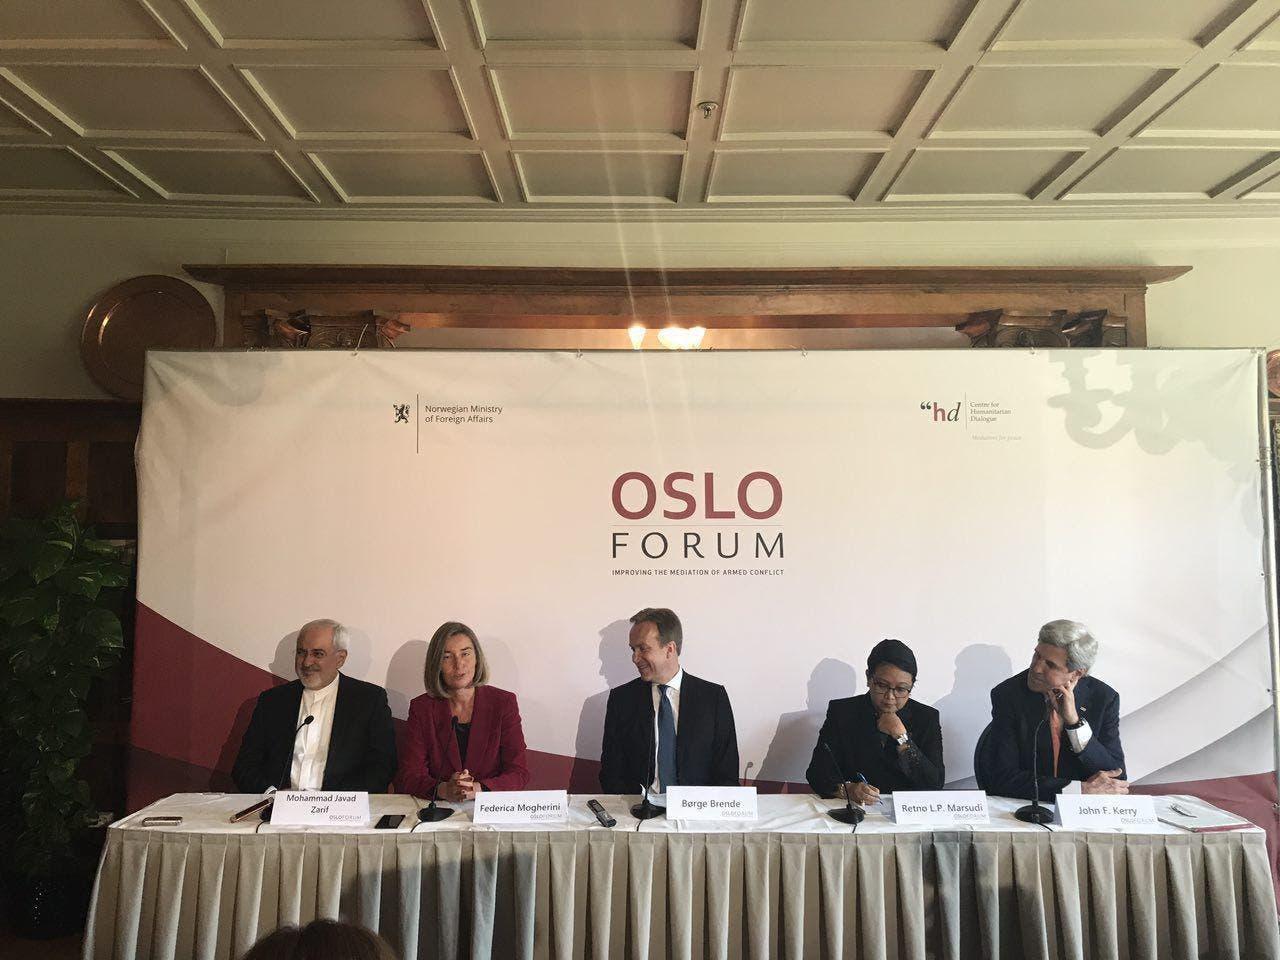 کنفرانس اسلو با حضور جان کری وزیر امور خارجه آمریکا و محمد جواد ظریف وزیر امور خارجه ایران